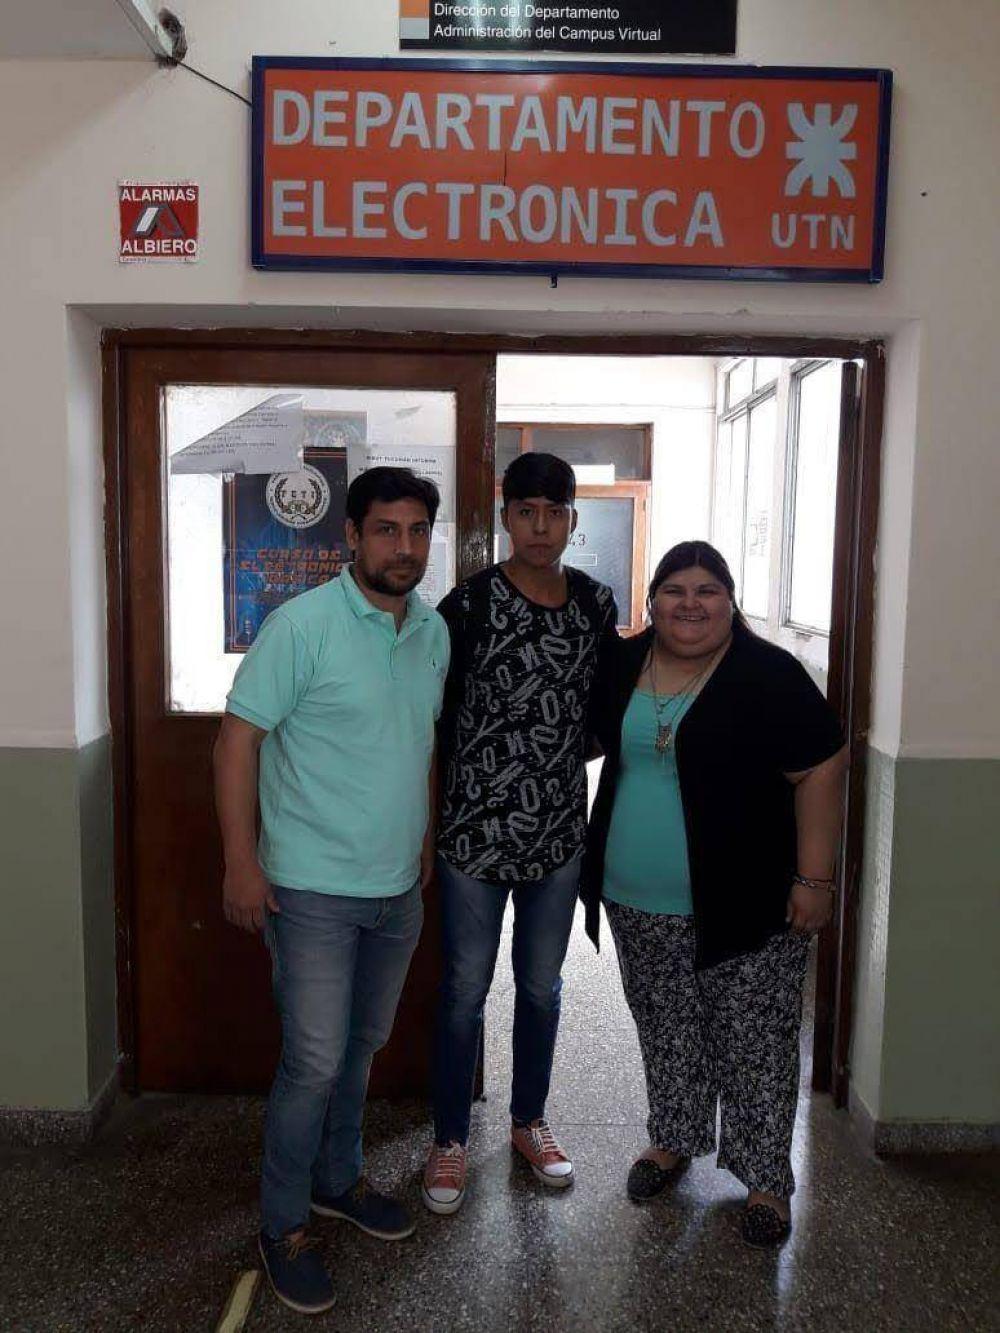 Leonel Hualampa podrá cursar Ingeniería Electrónica